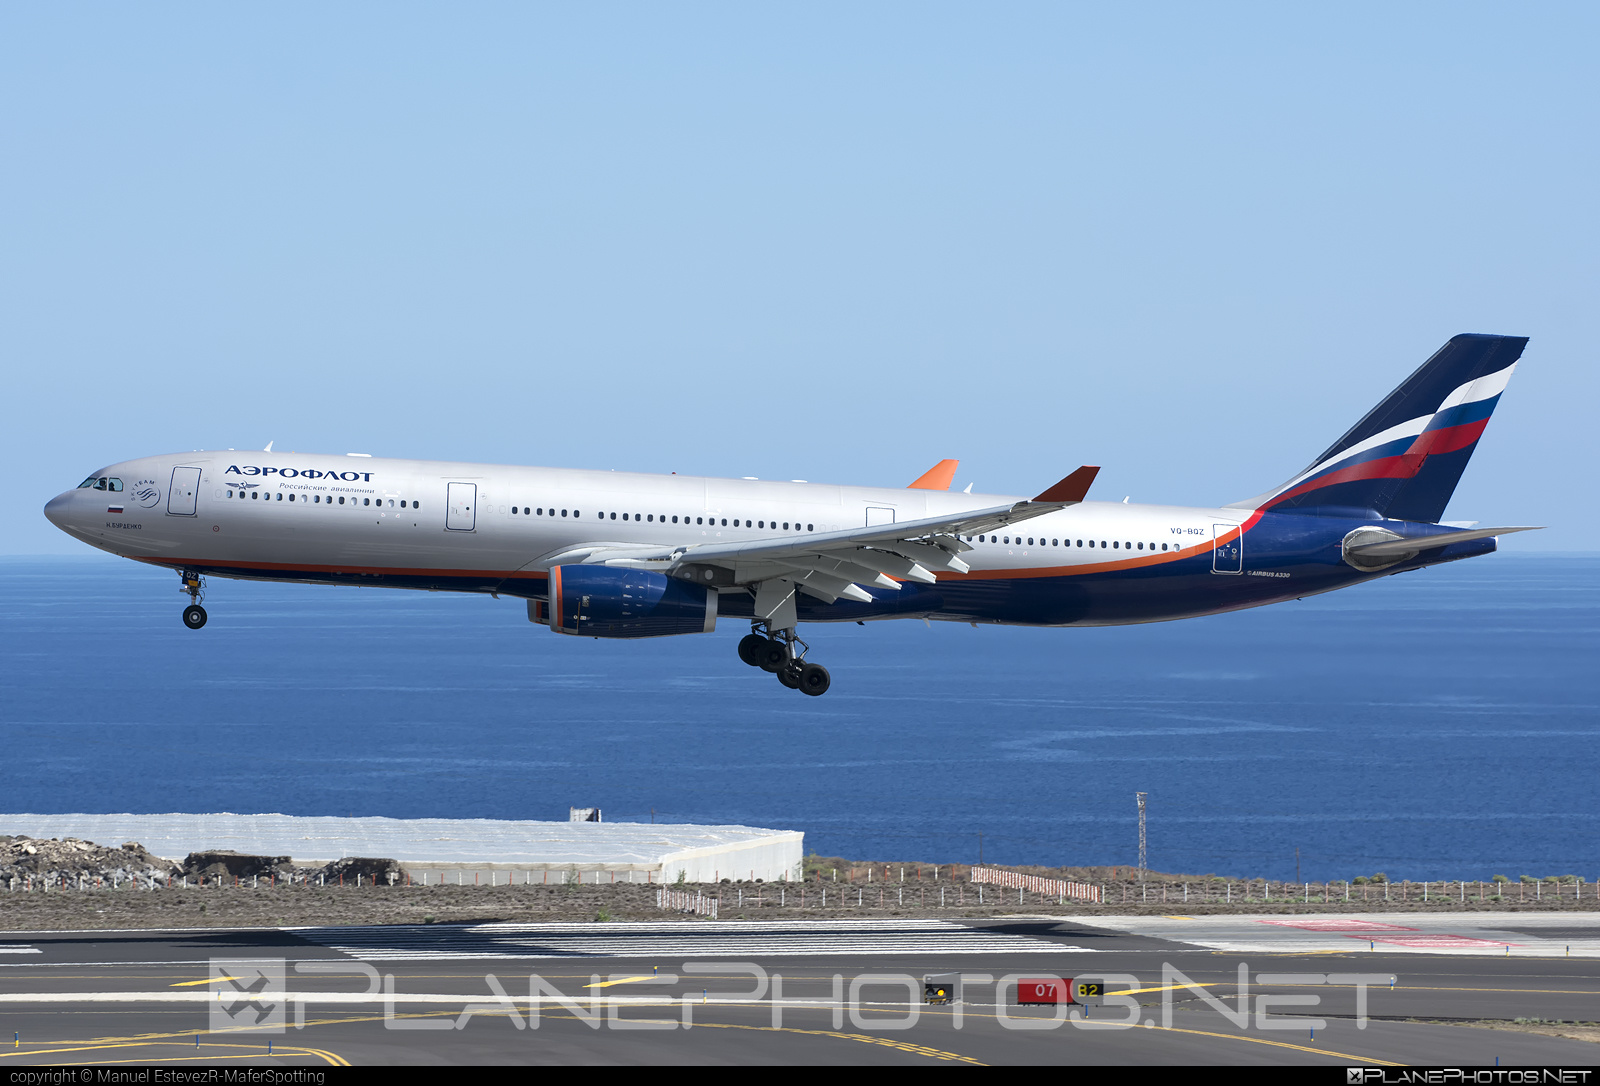 Airbus A330-343 - VQ-BQZ operated by Aeroflot #a330 #a330family #aeroflot #airbus #airbus330